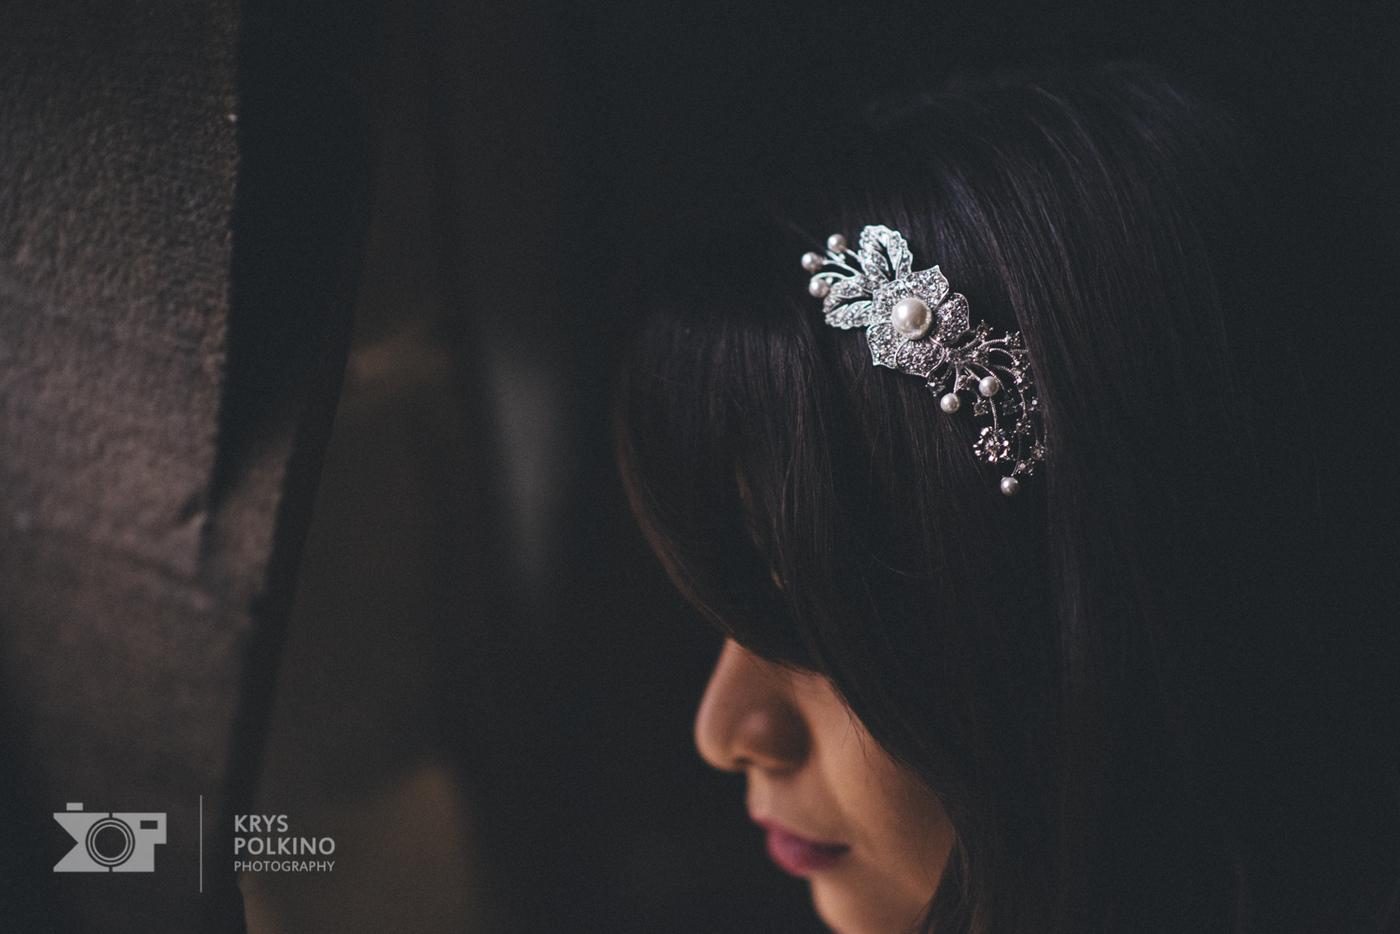 Promotional Wedding Photography.